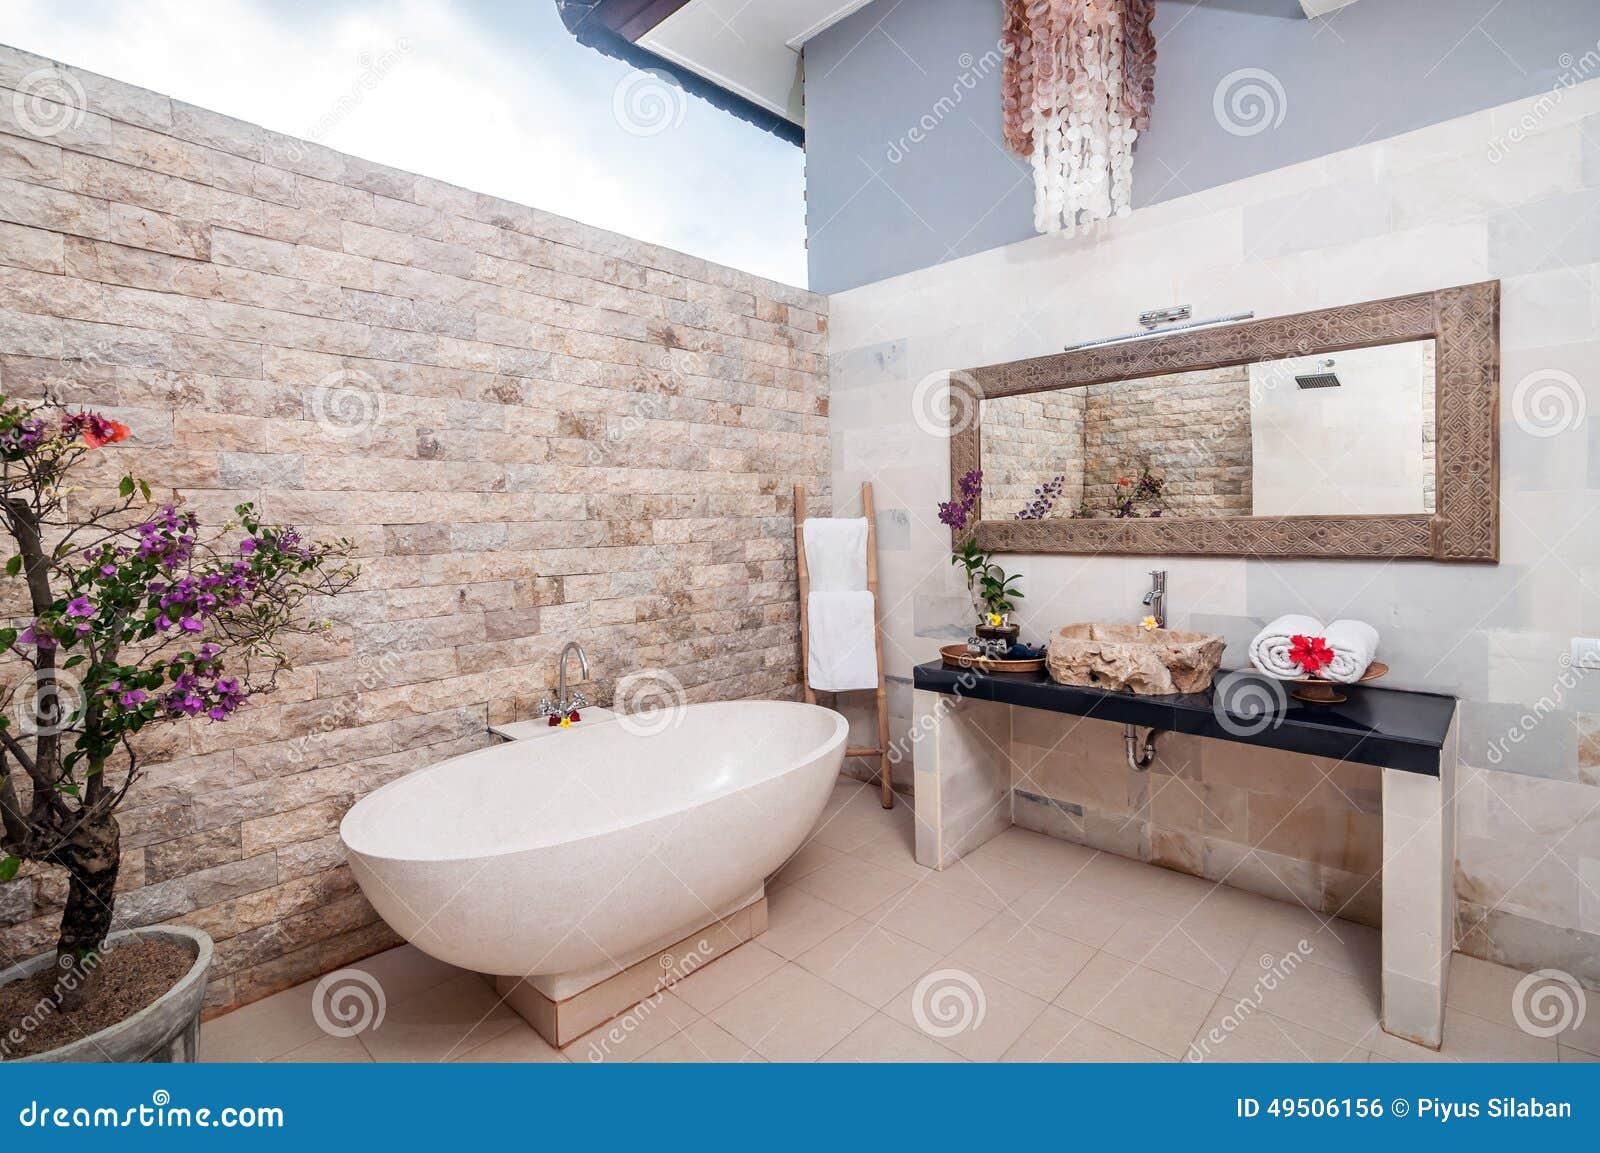 Outdoor Bathup